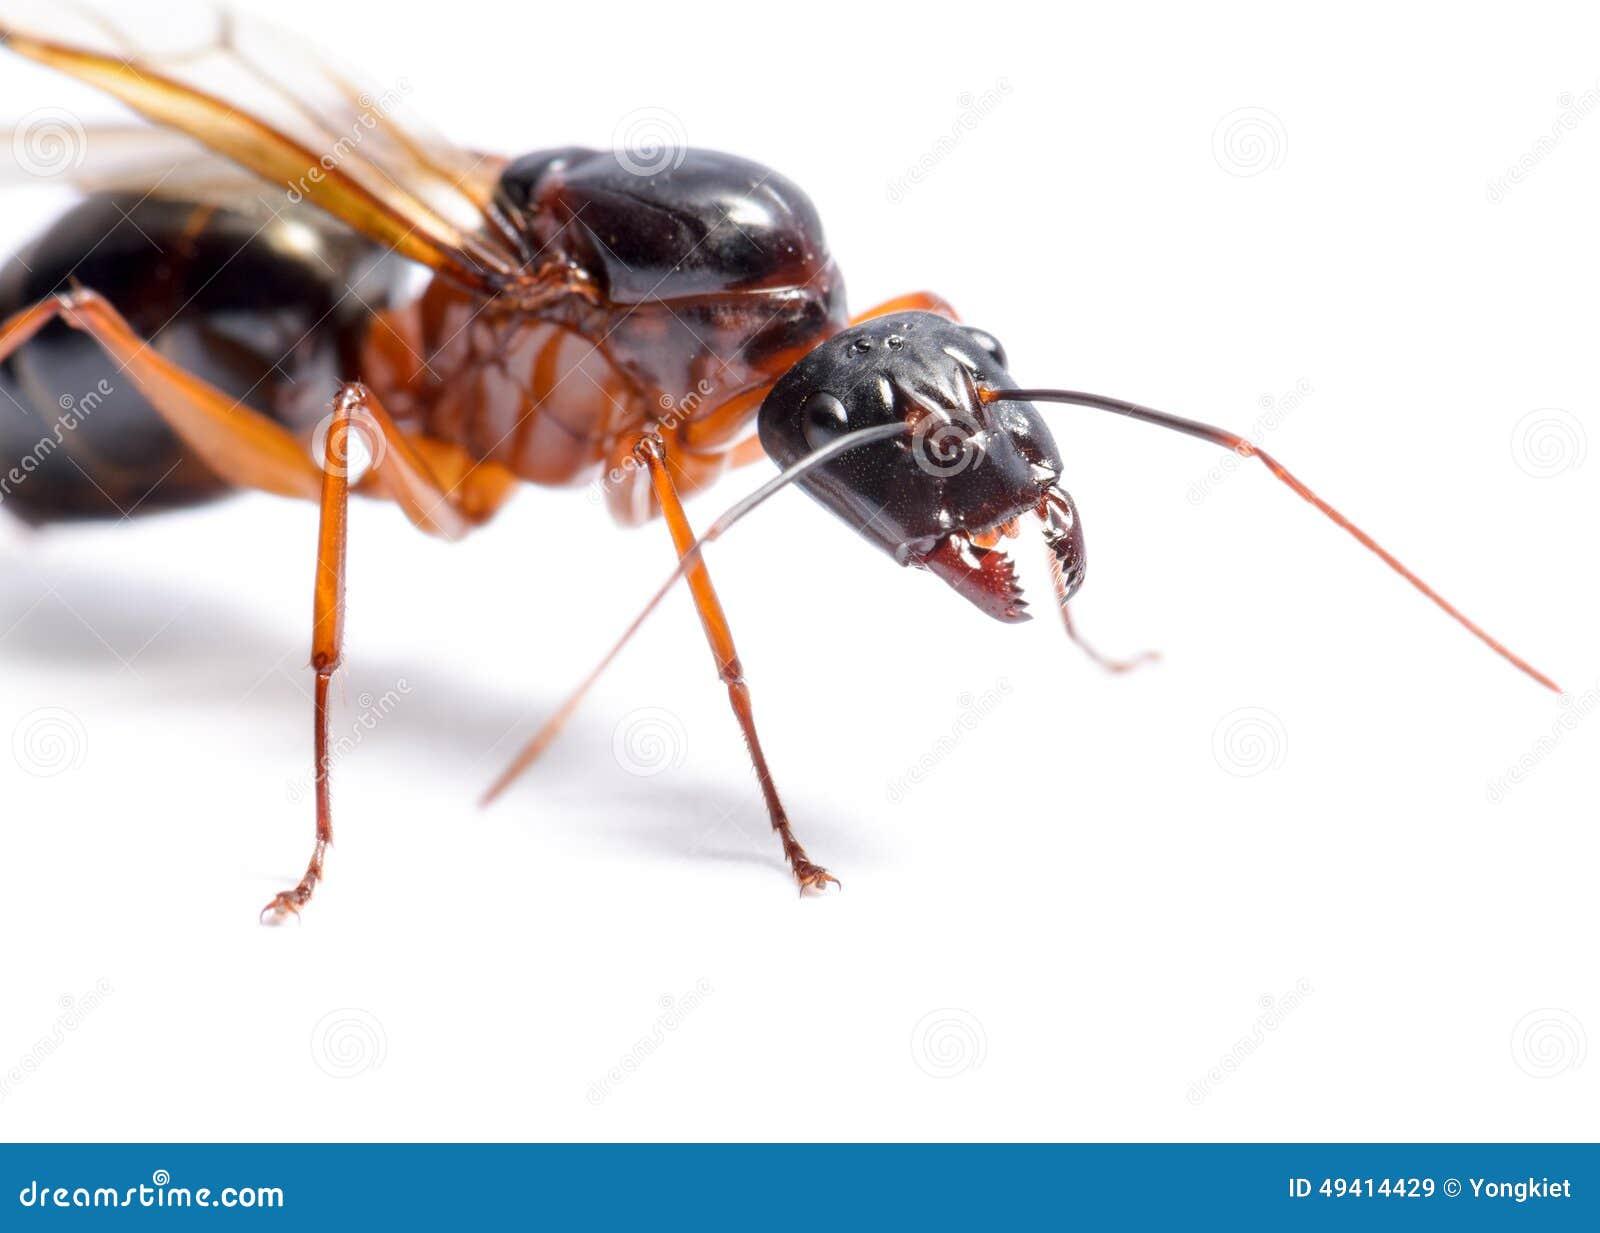 Download Schwarzer Tischler Ant (Camponotus Pennsylvanicus) Stockbild - Bild von tier, winged: 49414429